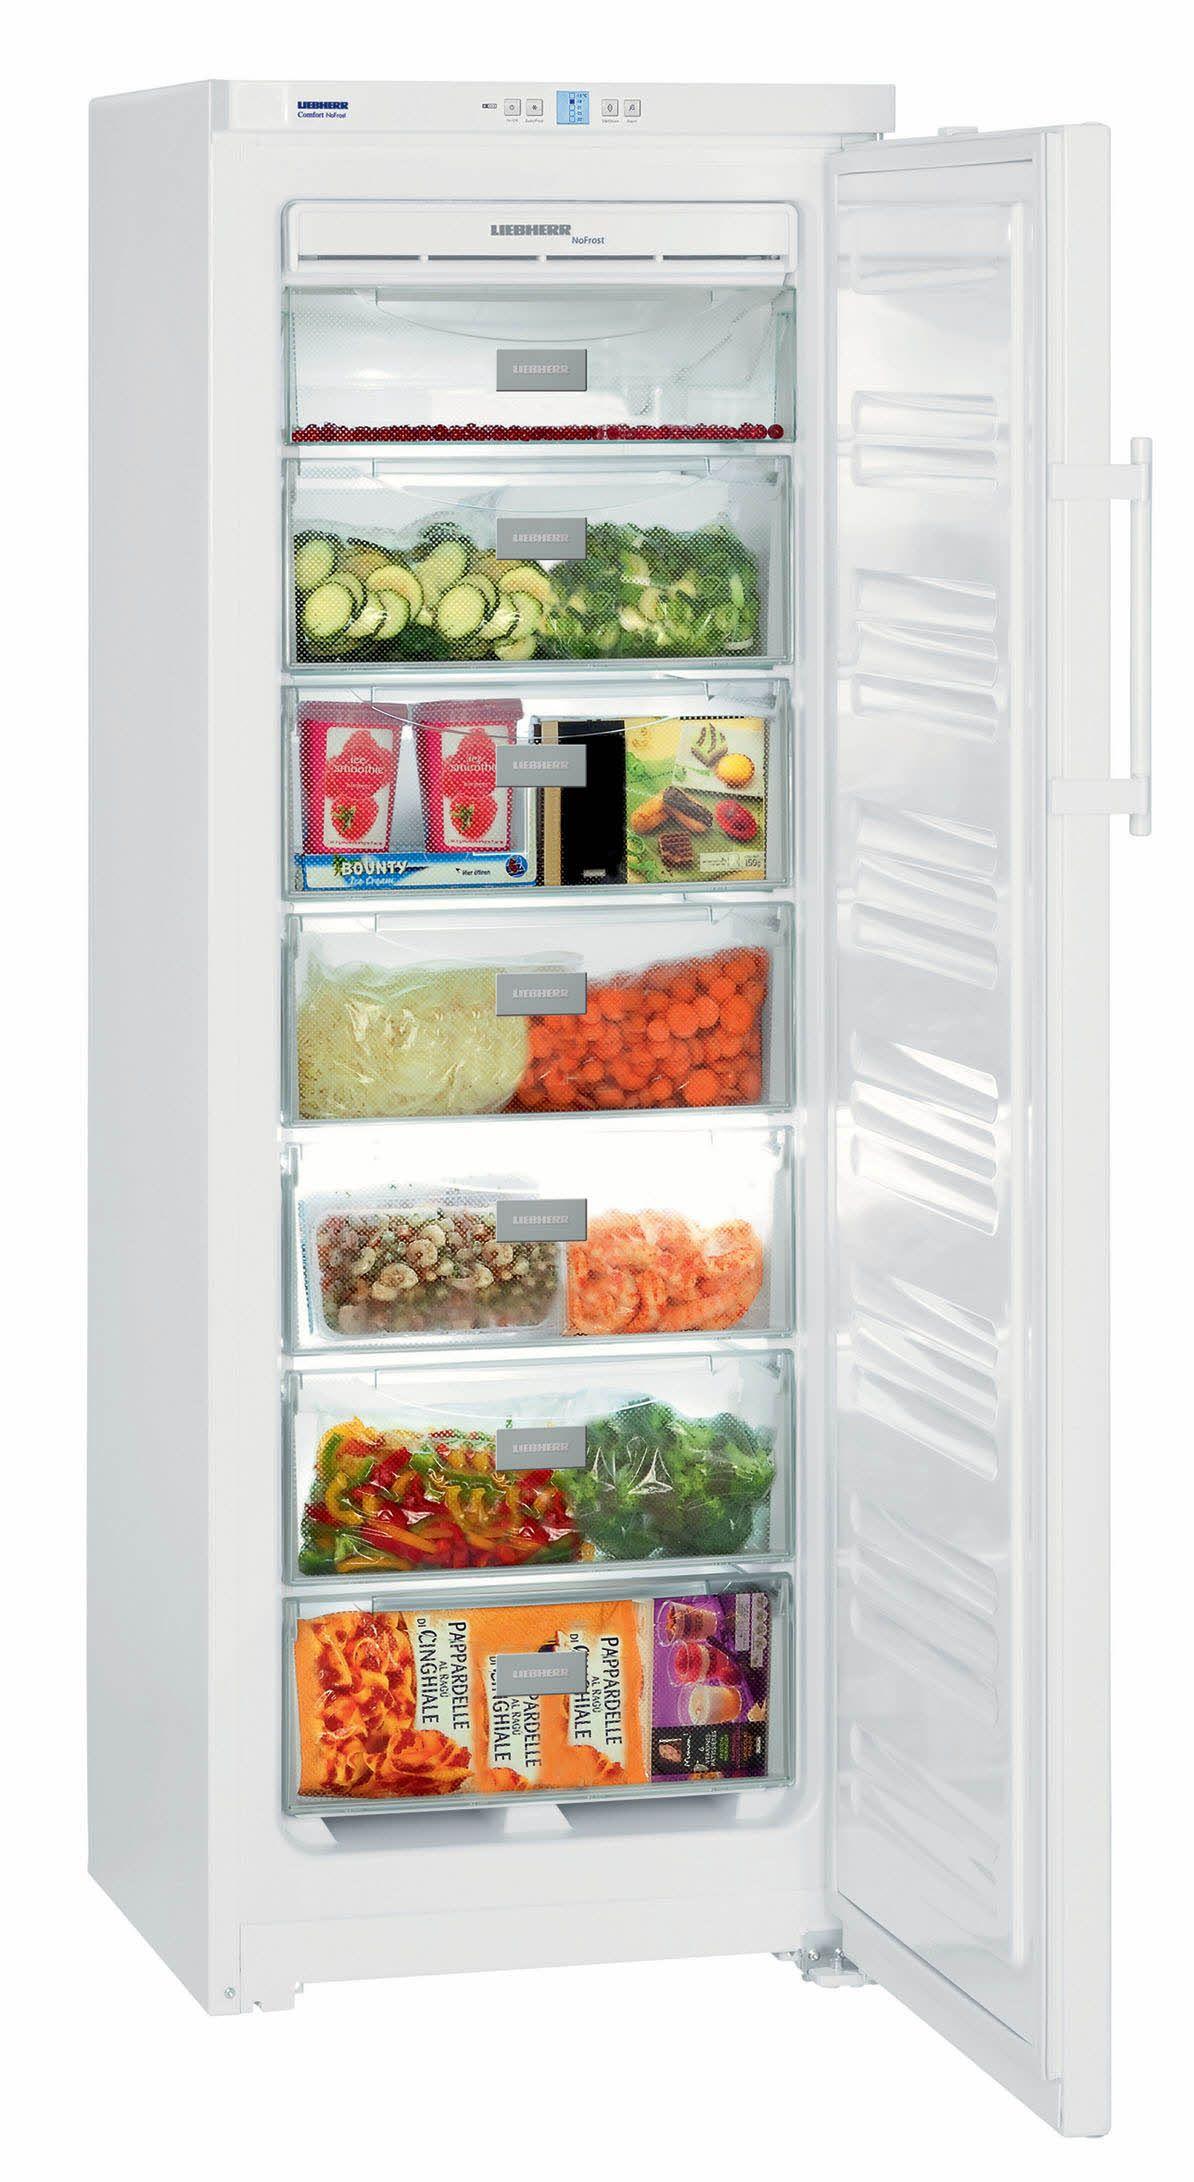 Liebherr Gn 2723 Comfort Nofrost Refrigerator Freezer Bathroom